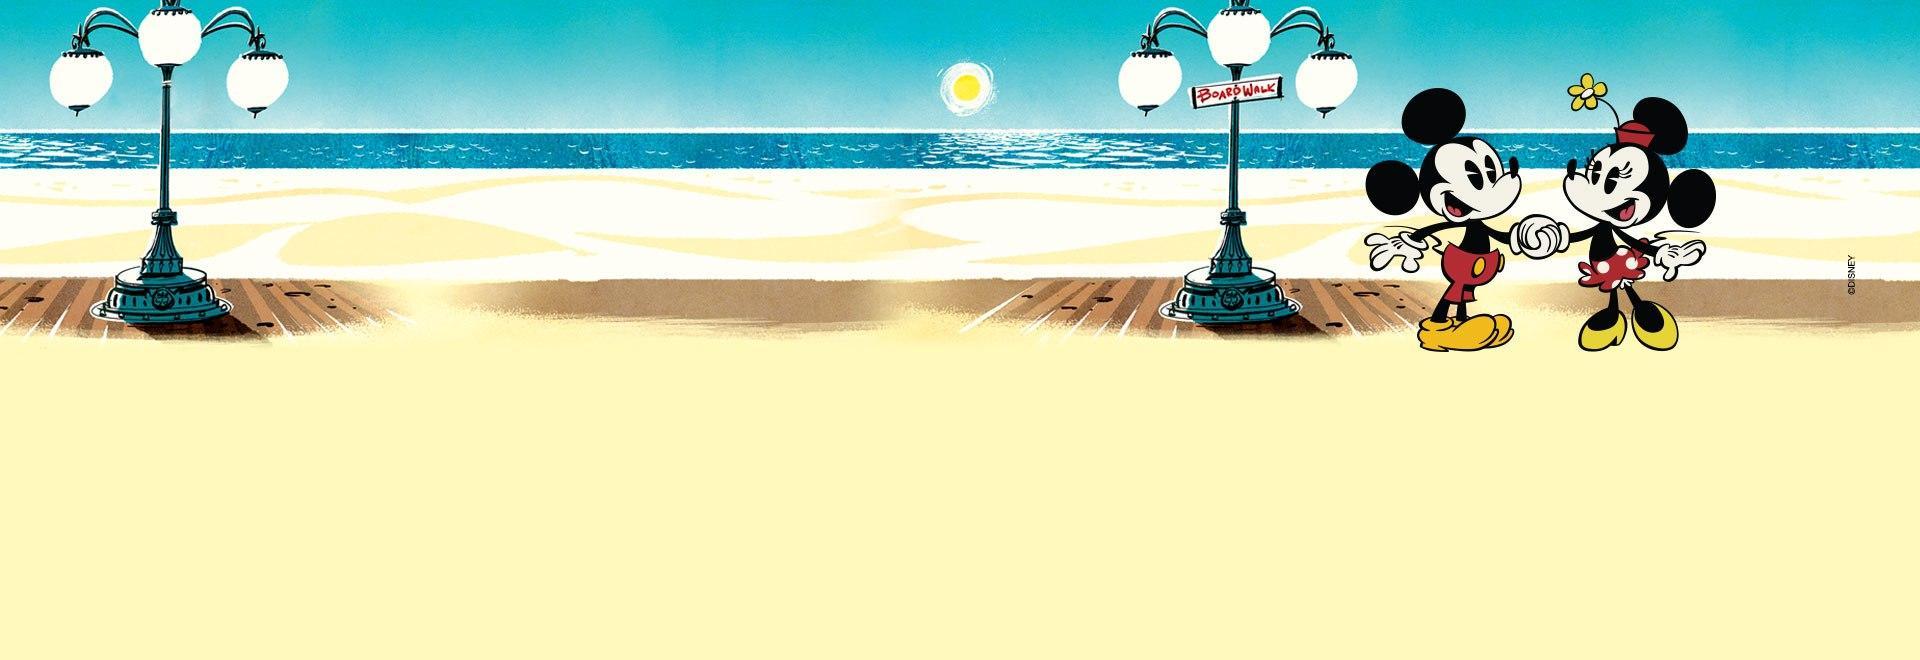 Picnic sulla spiaggia / Paperino e le palle di neve / Il vecchio papero MacDonald